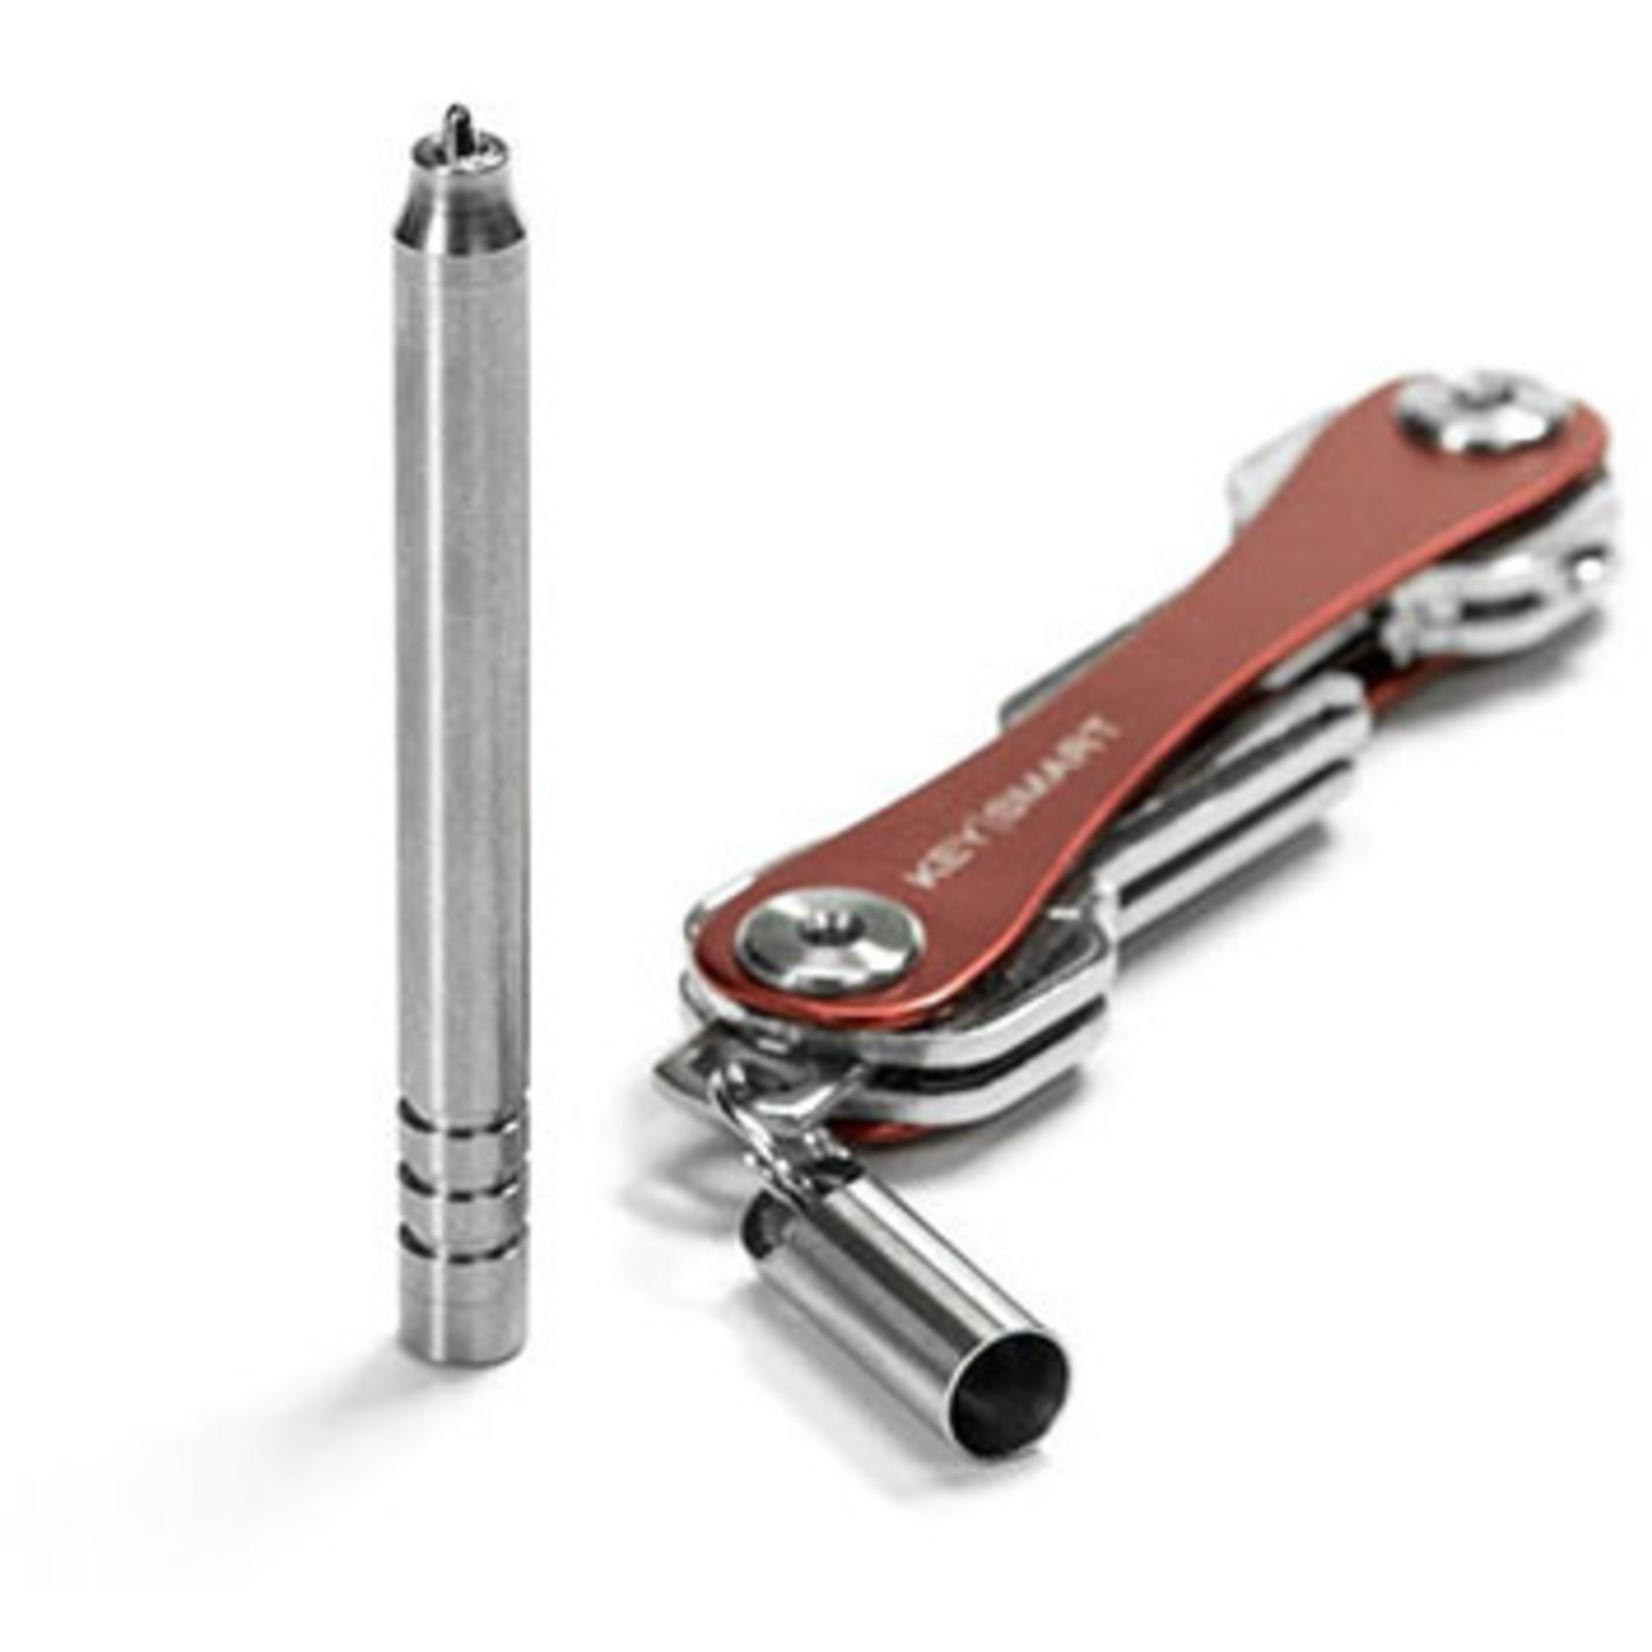 KeySmart KeySmart Nano Pen